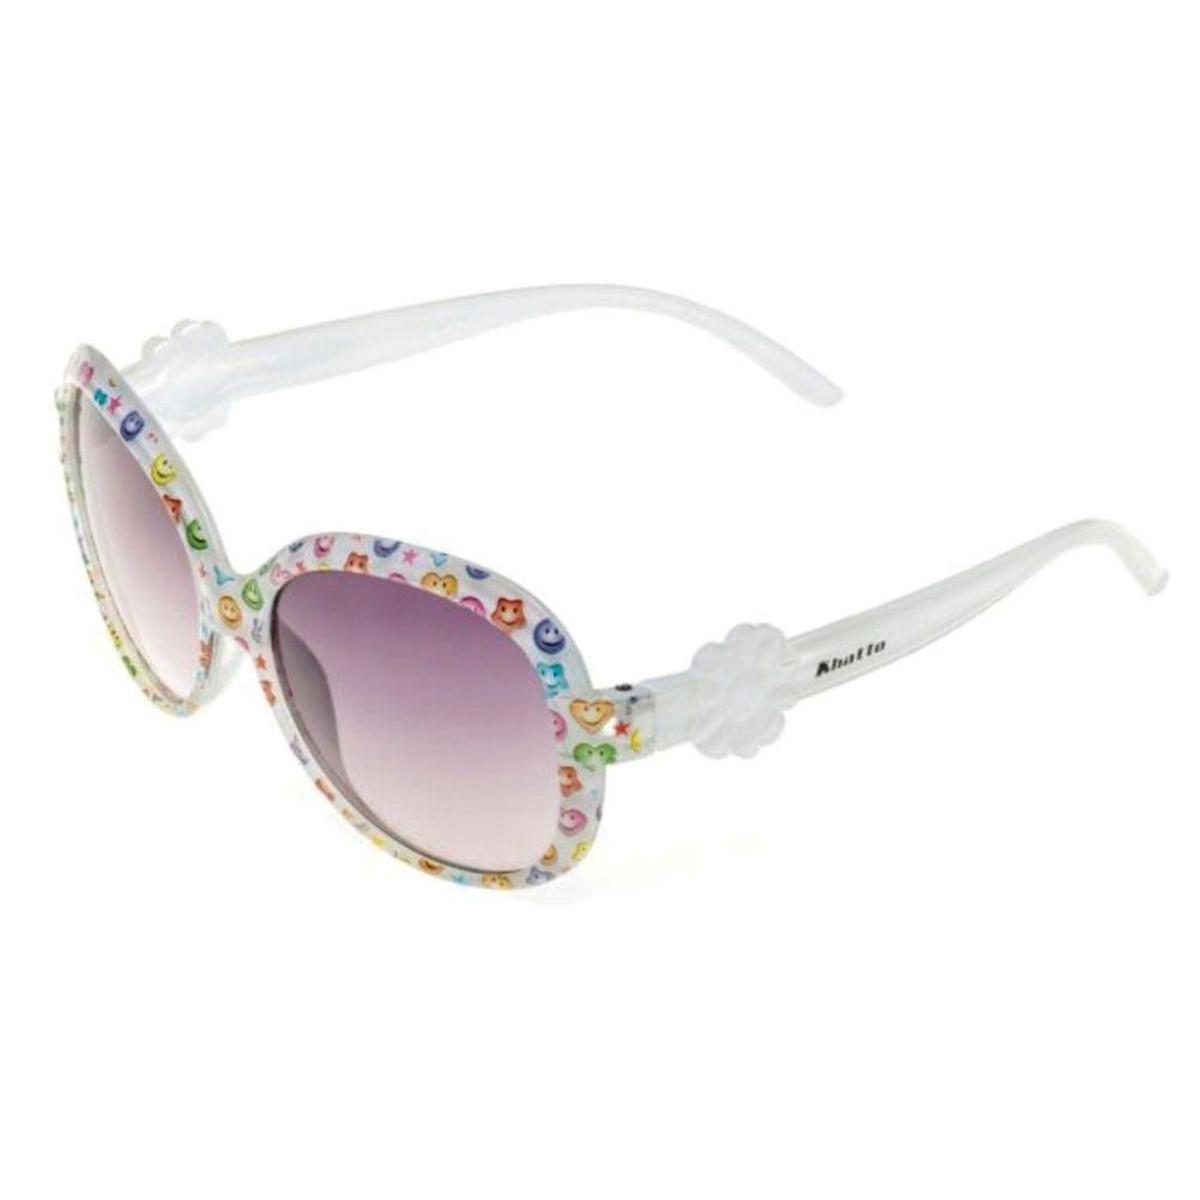 70bee8ee51564 Óculos de Sol Khatto Infantil Romantic Feminino - Branco - Compre ...